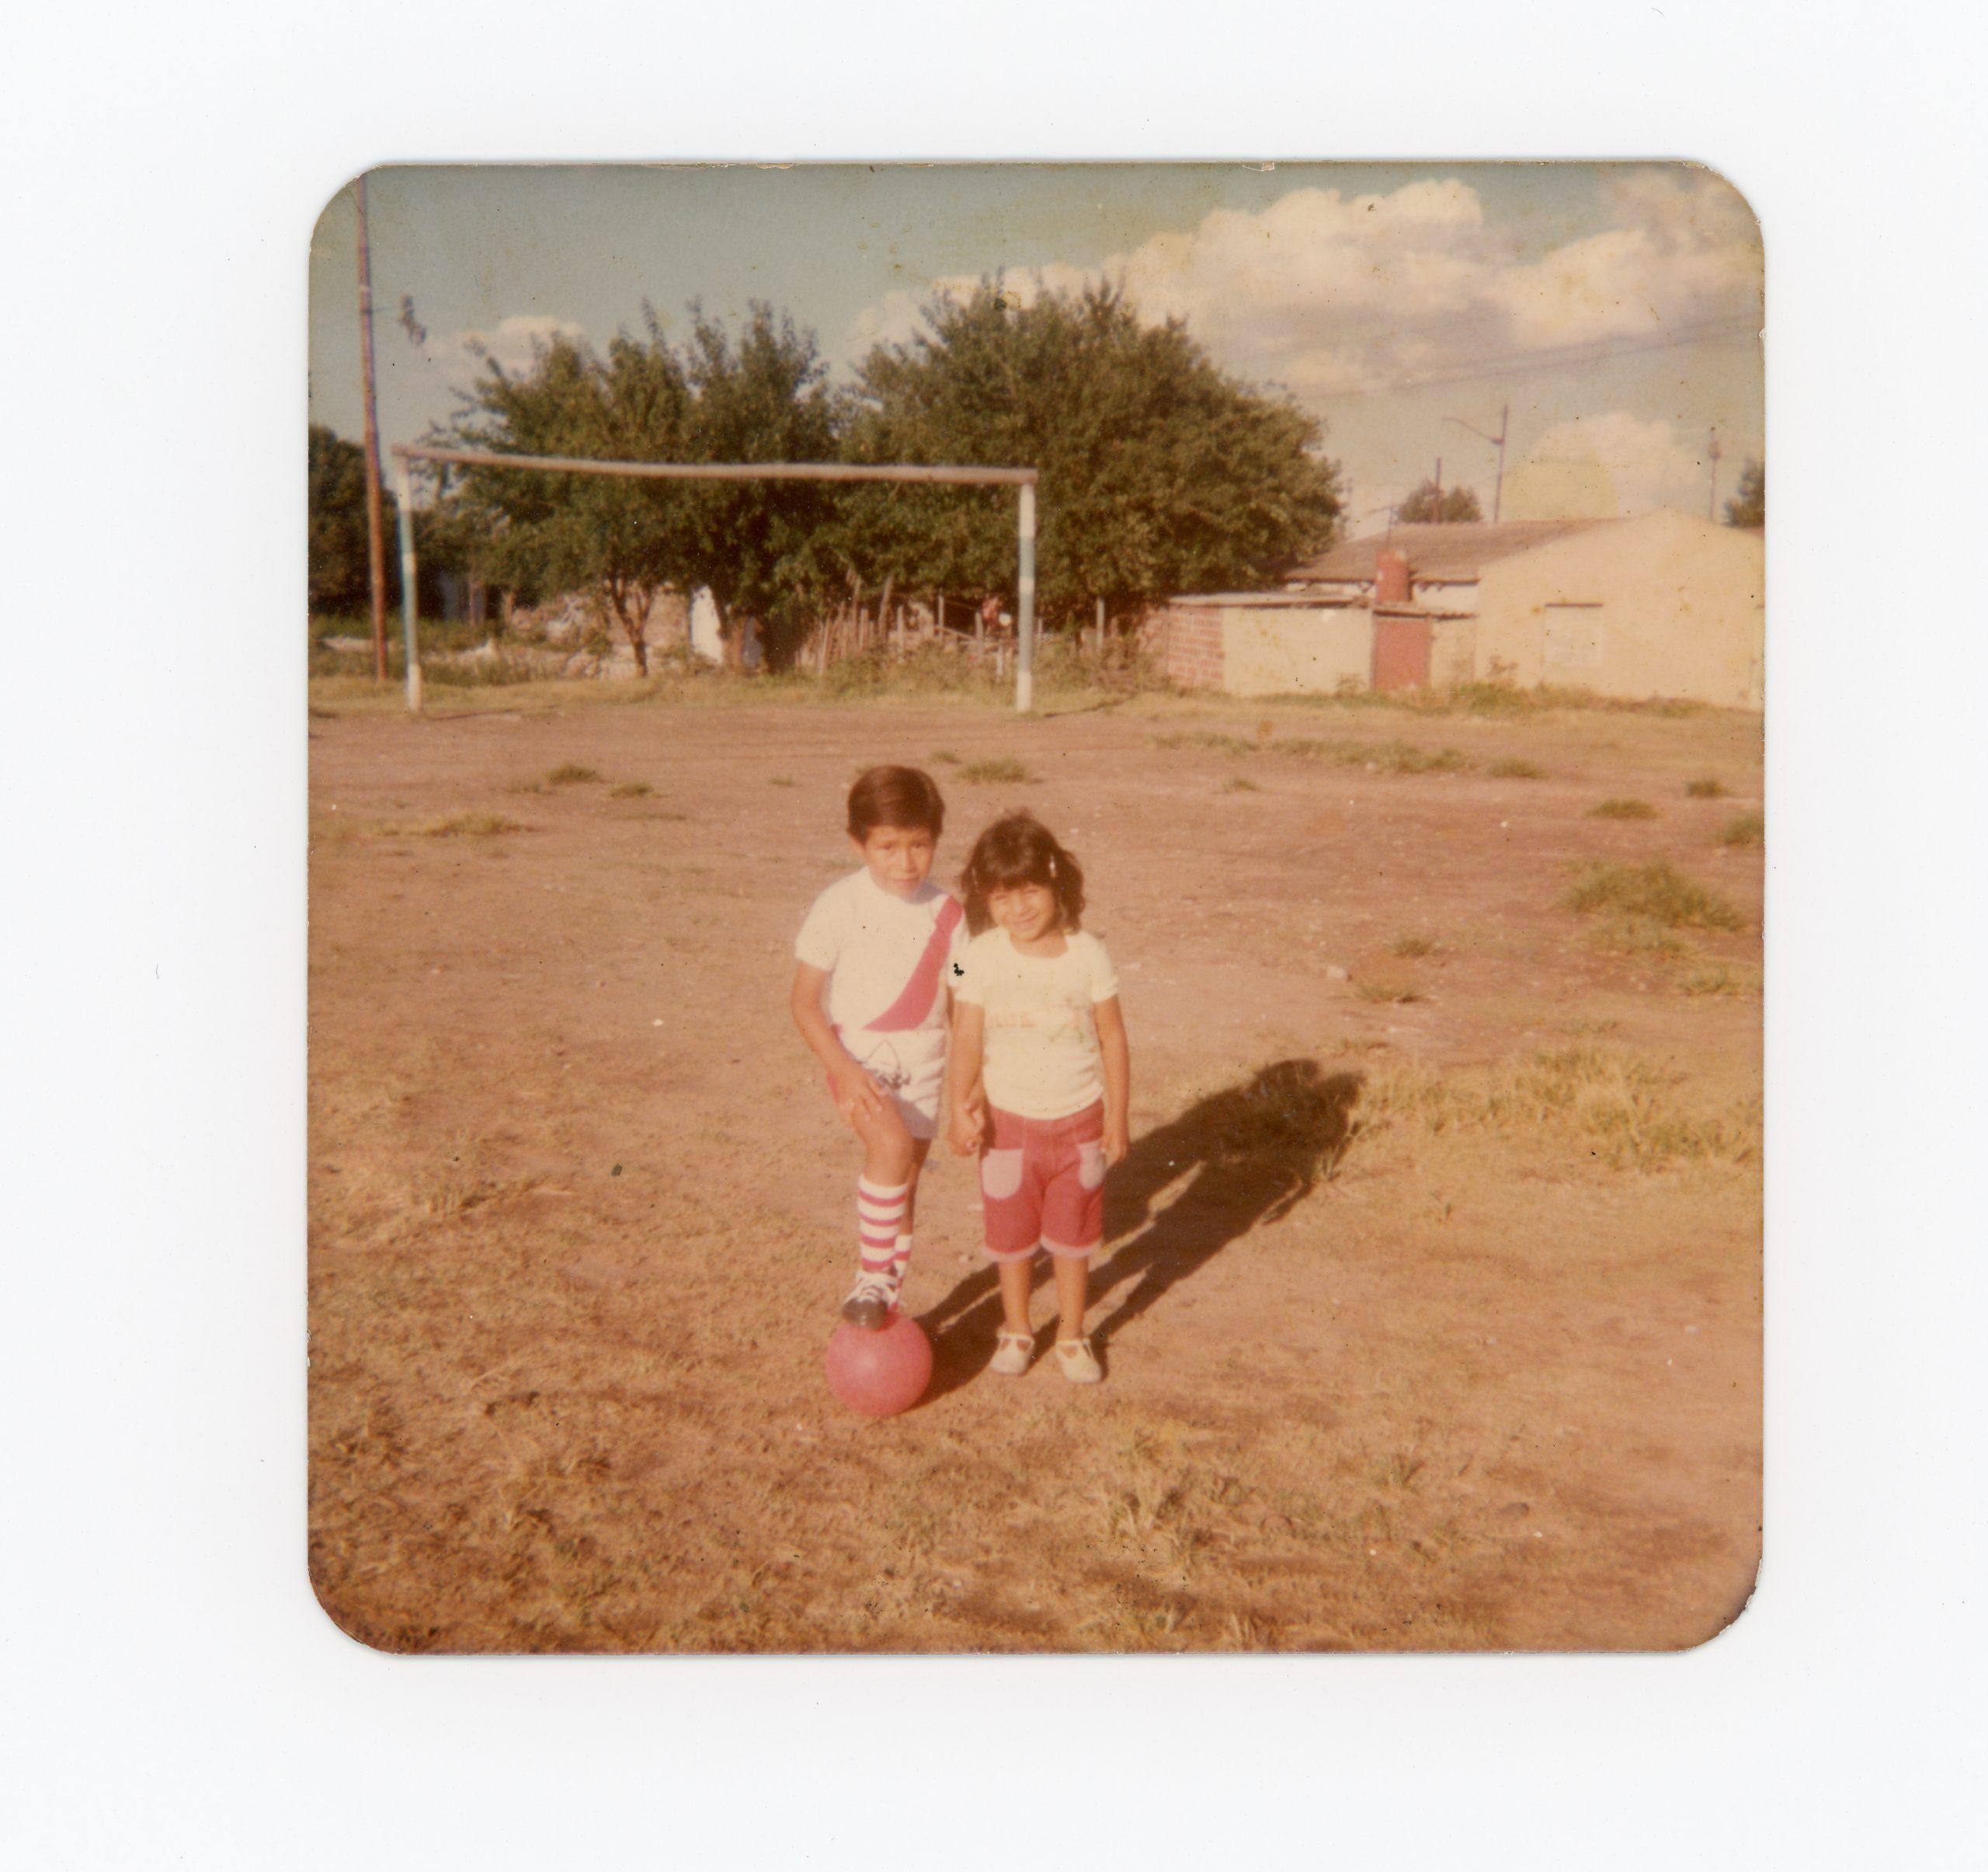 Estela y Miguel Ángel Sarapura en la Cancha de los Huérfanos